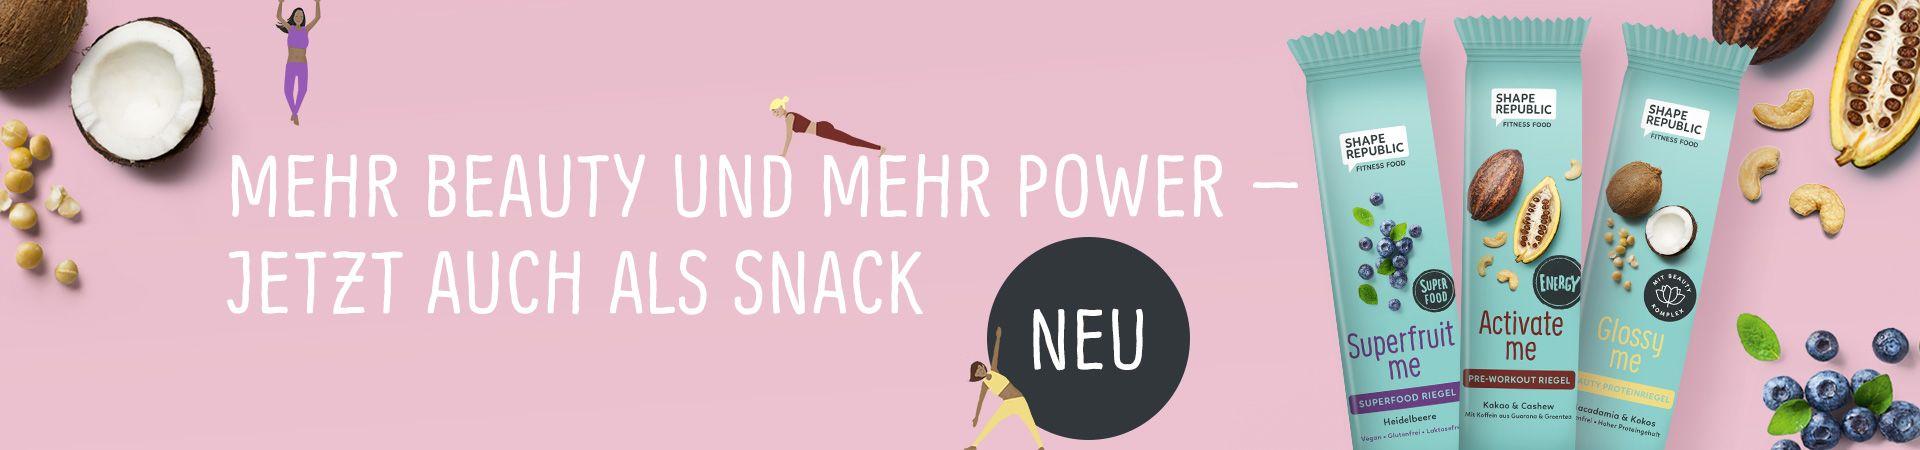 Mehr Beauty und mehr Power - jetzt auch als Snack